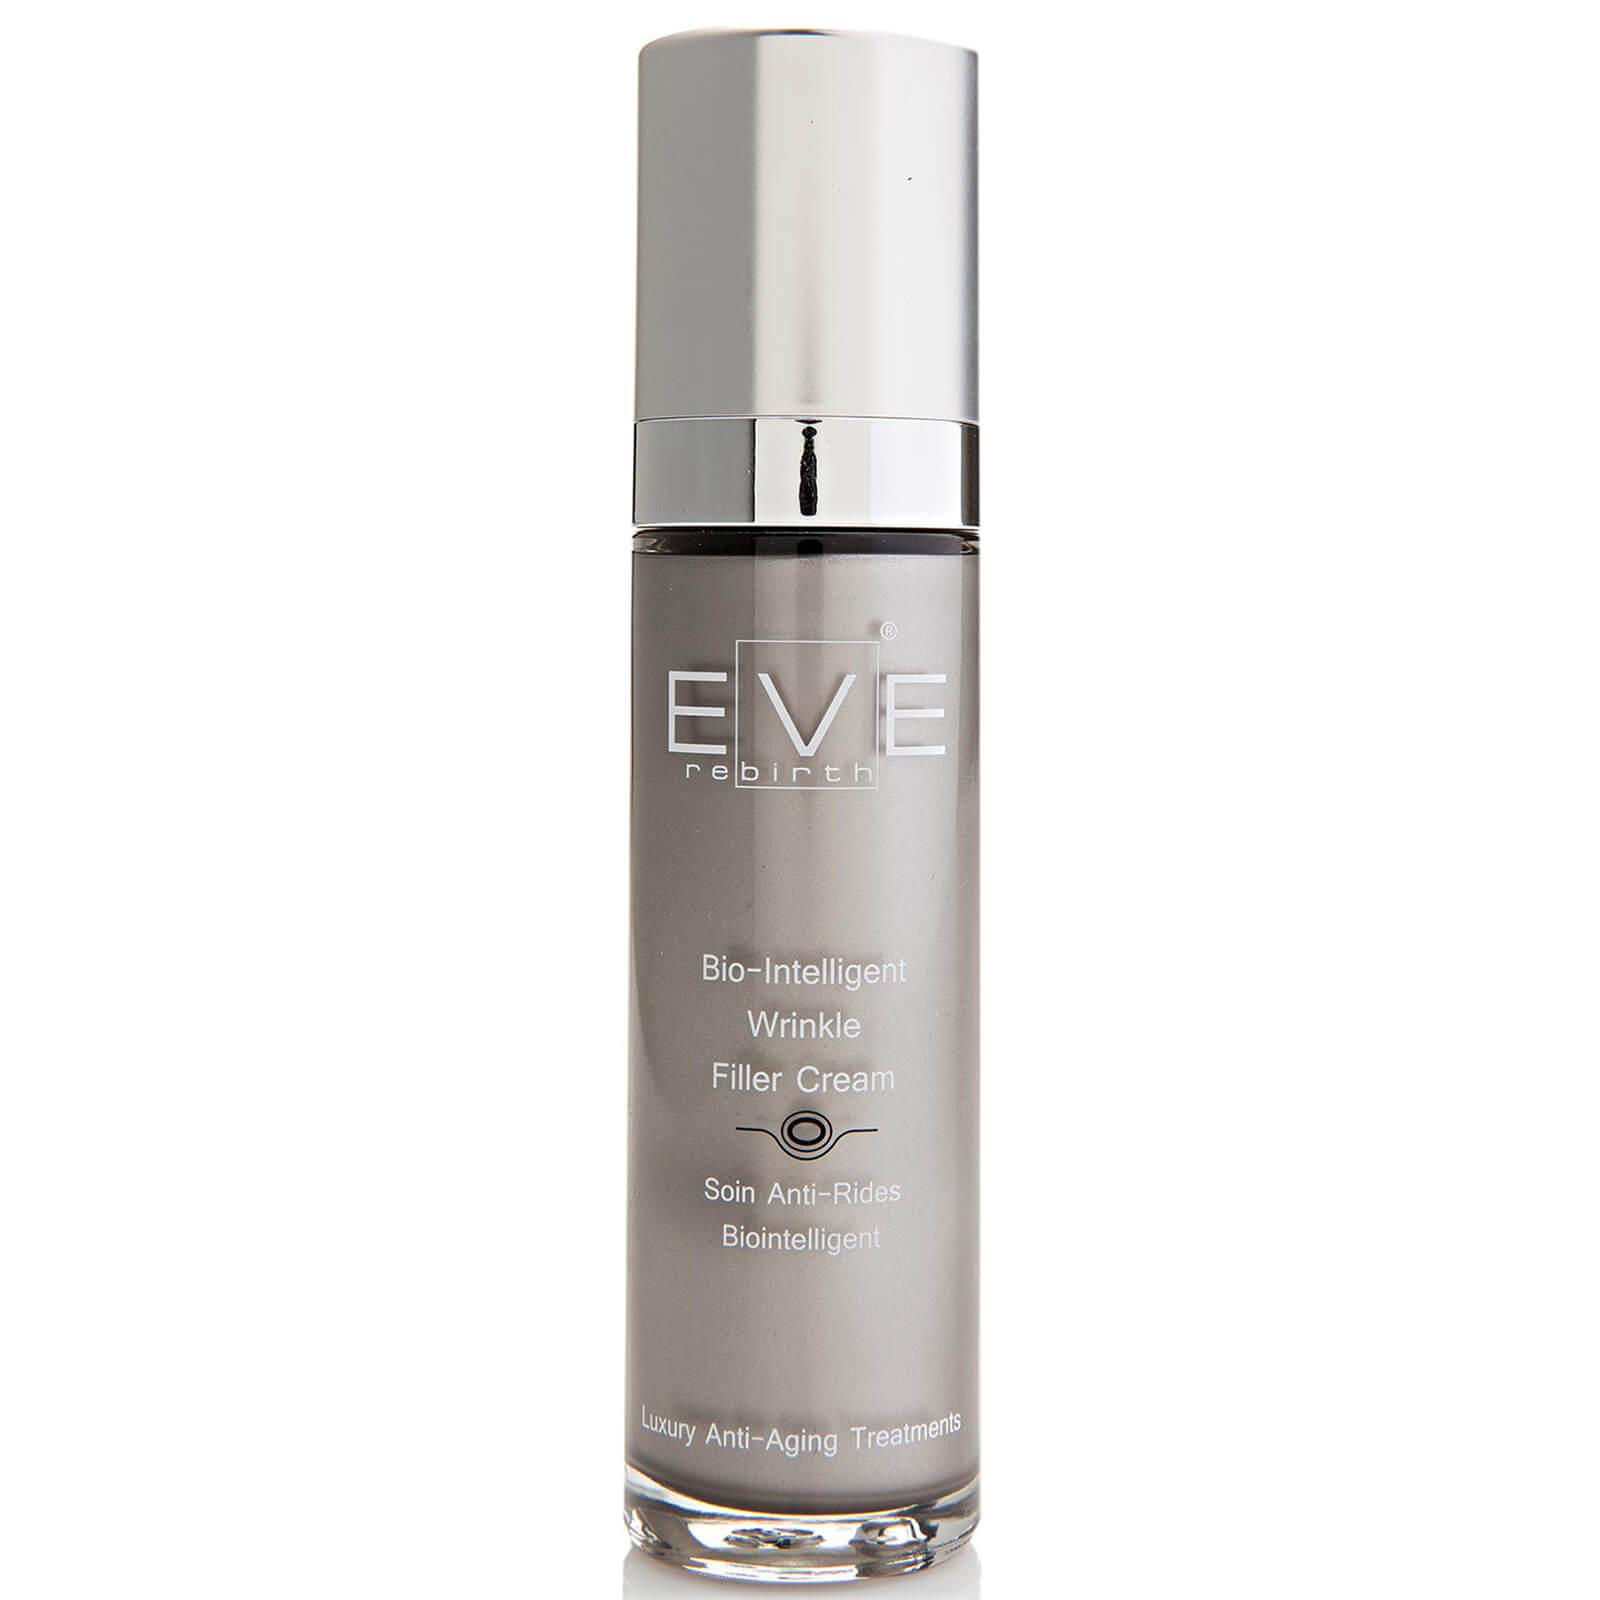 Купить Увлажняющий антивозрастной крем-филлер морщин Eve Rebirth Bio-Intelligent Wrinkle Filler Cream